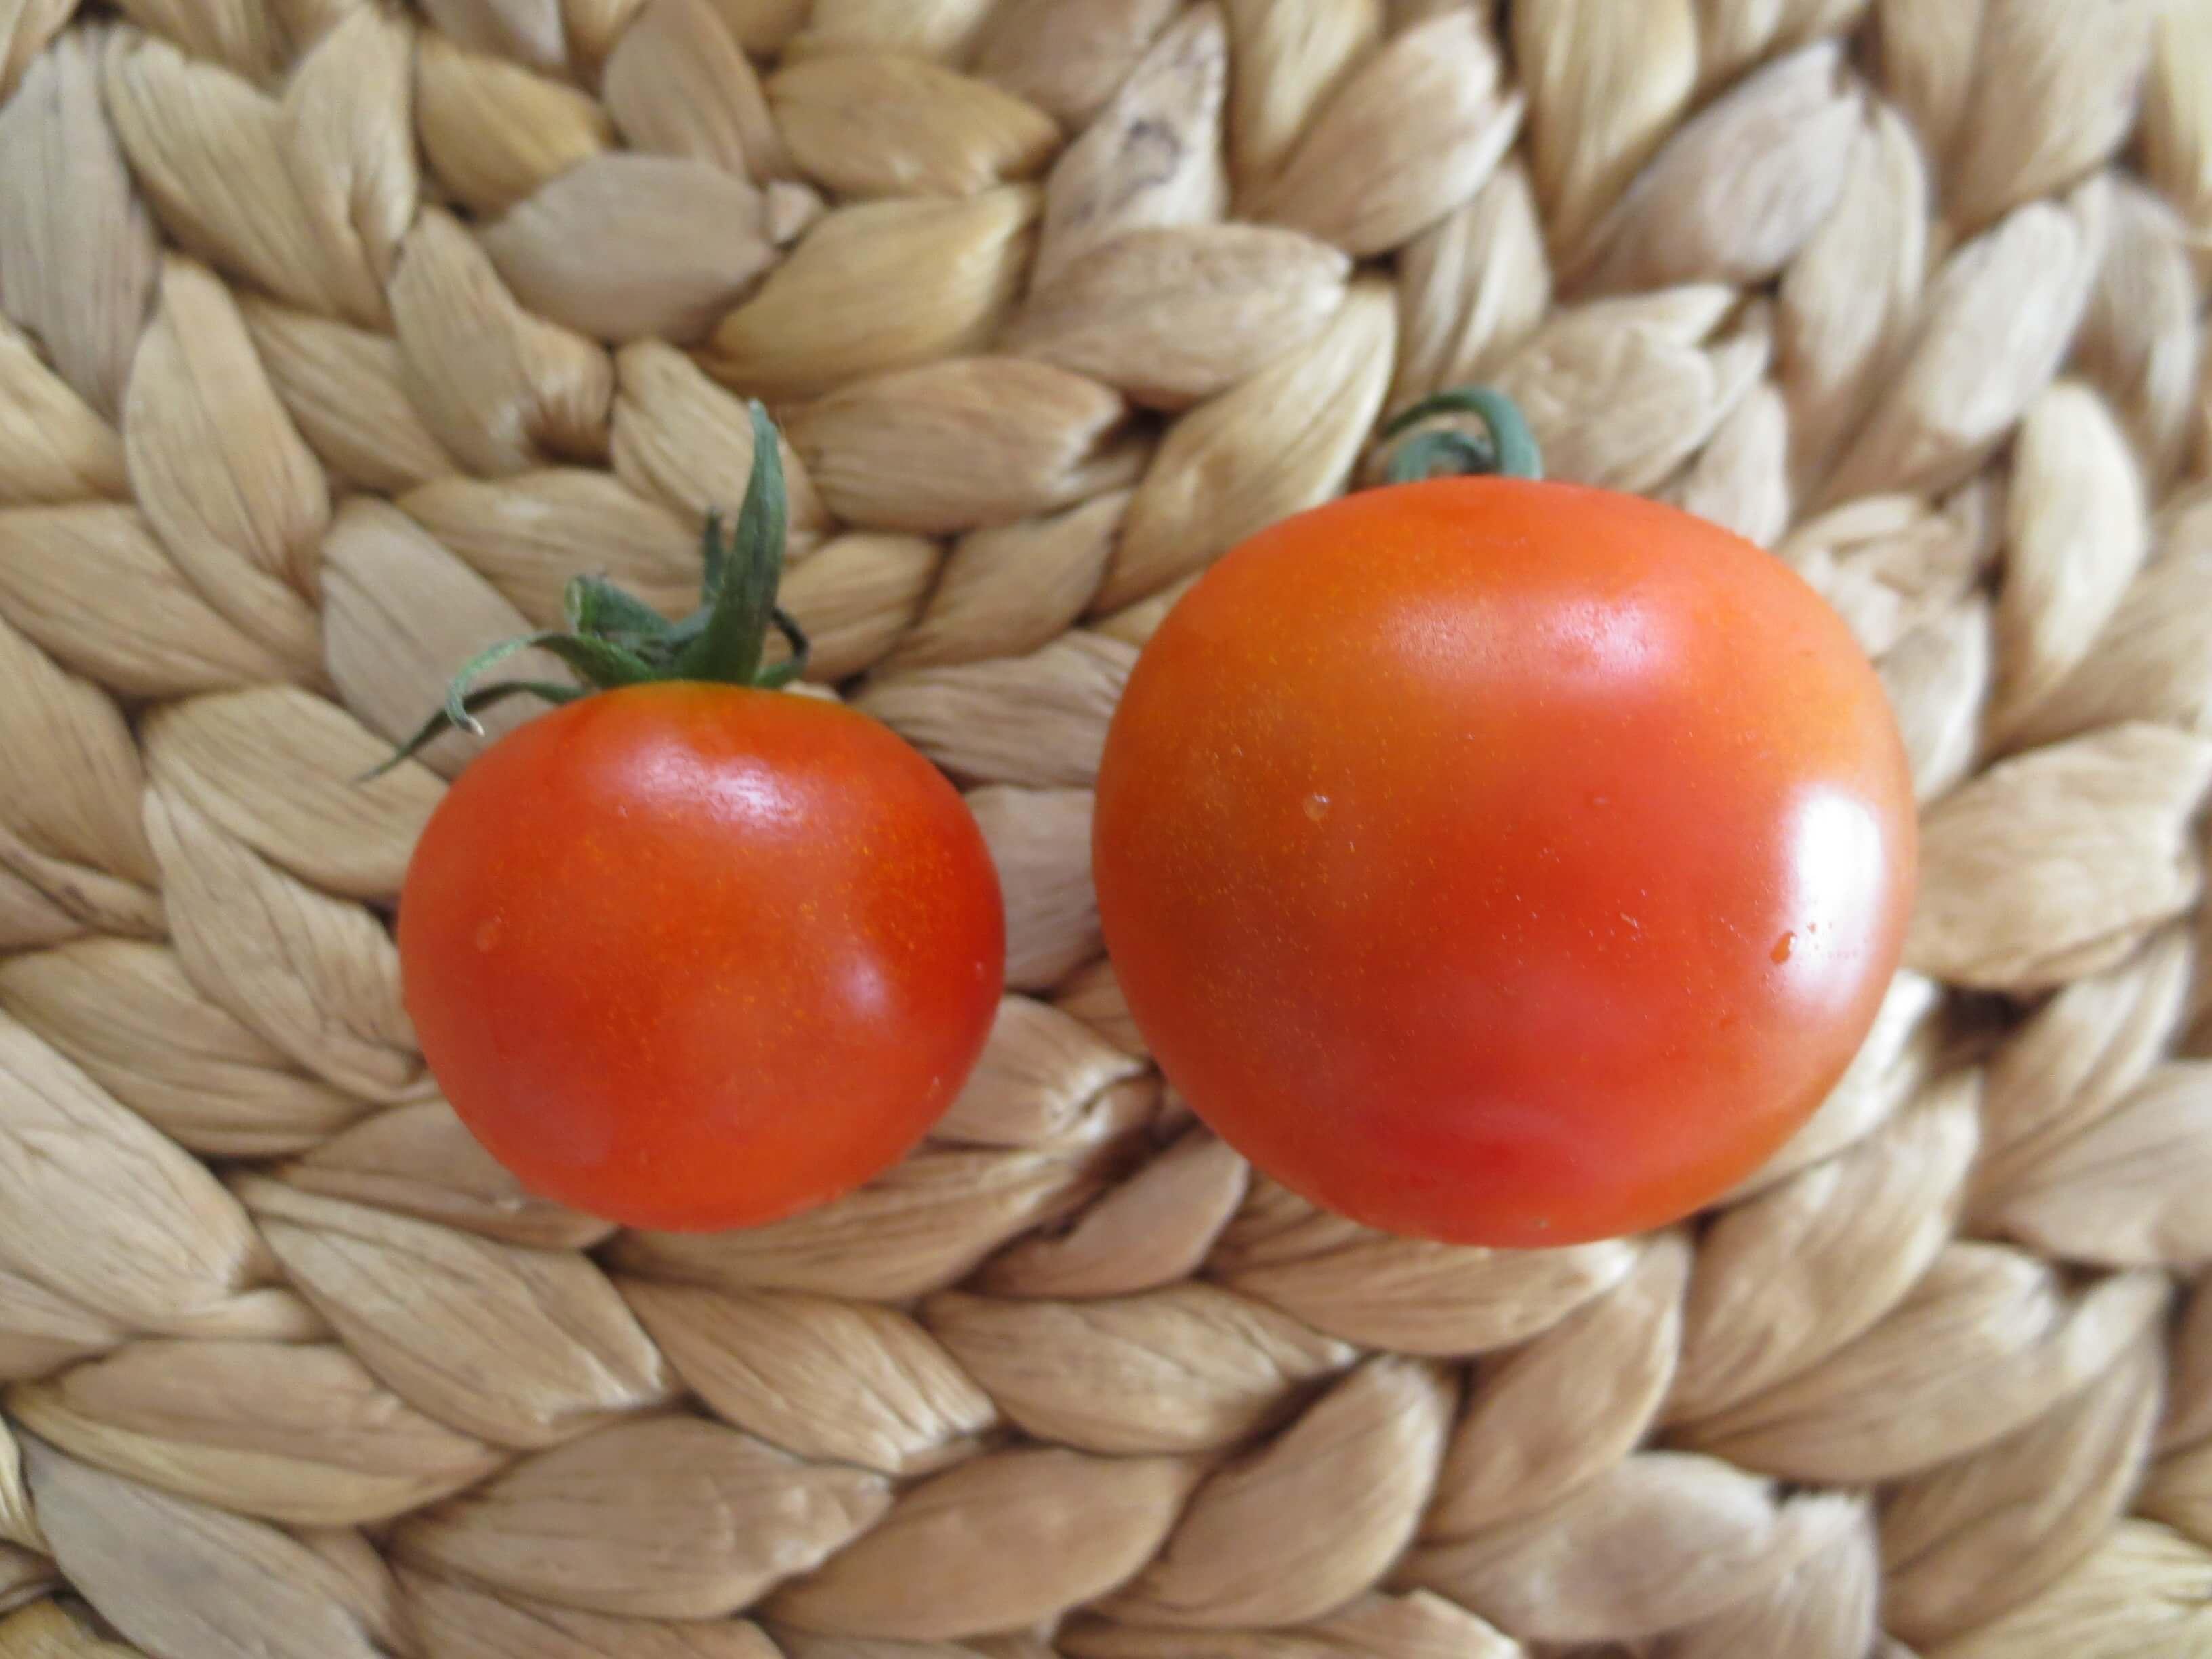 無農薬野菜のミレーお試しセット口コミ6